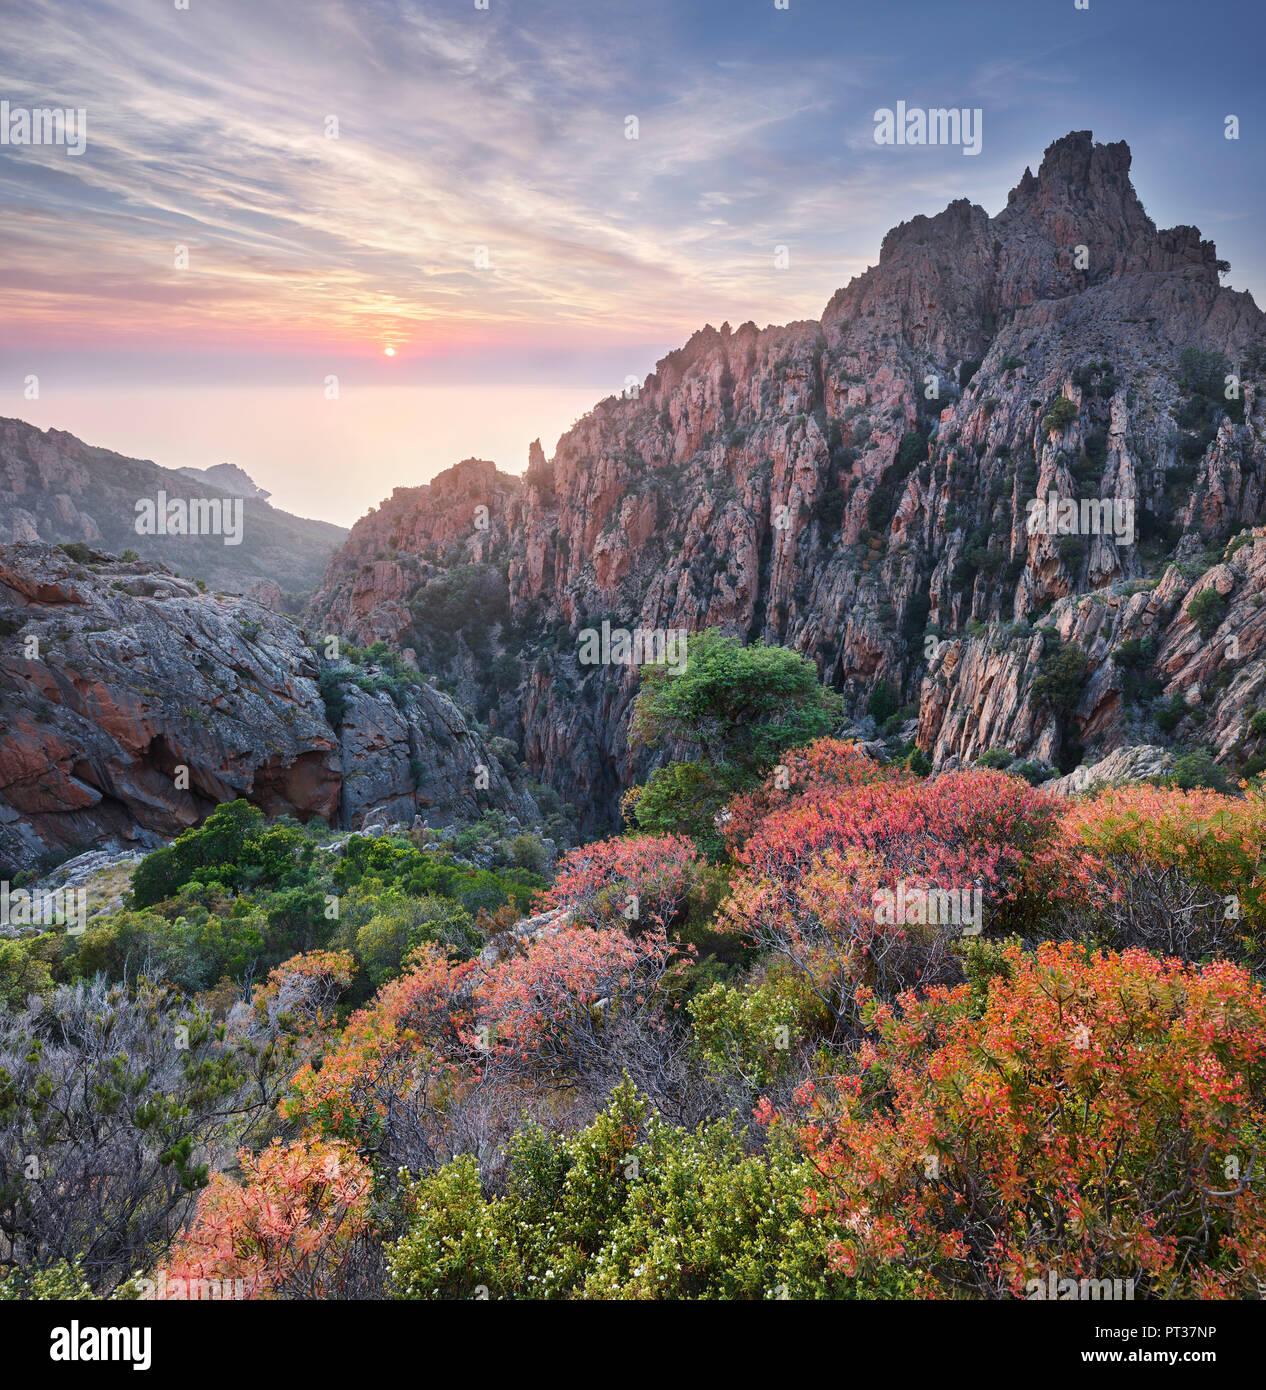 Calanques de Piana, Golfe de Porto, Corsica, France - Stock Image